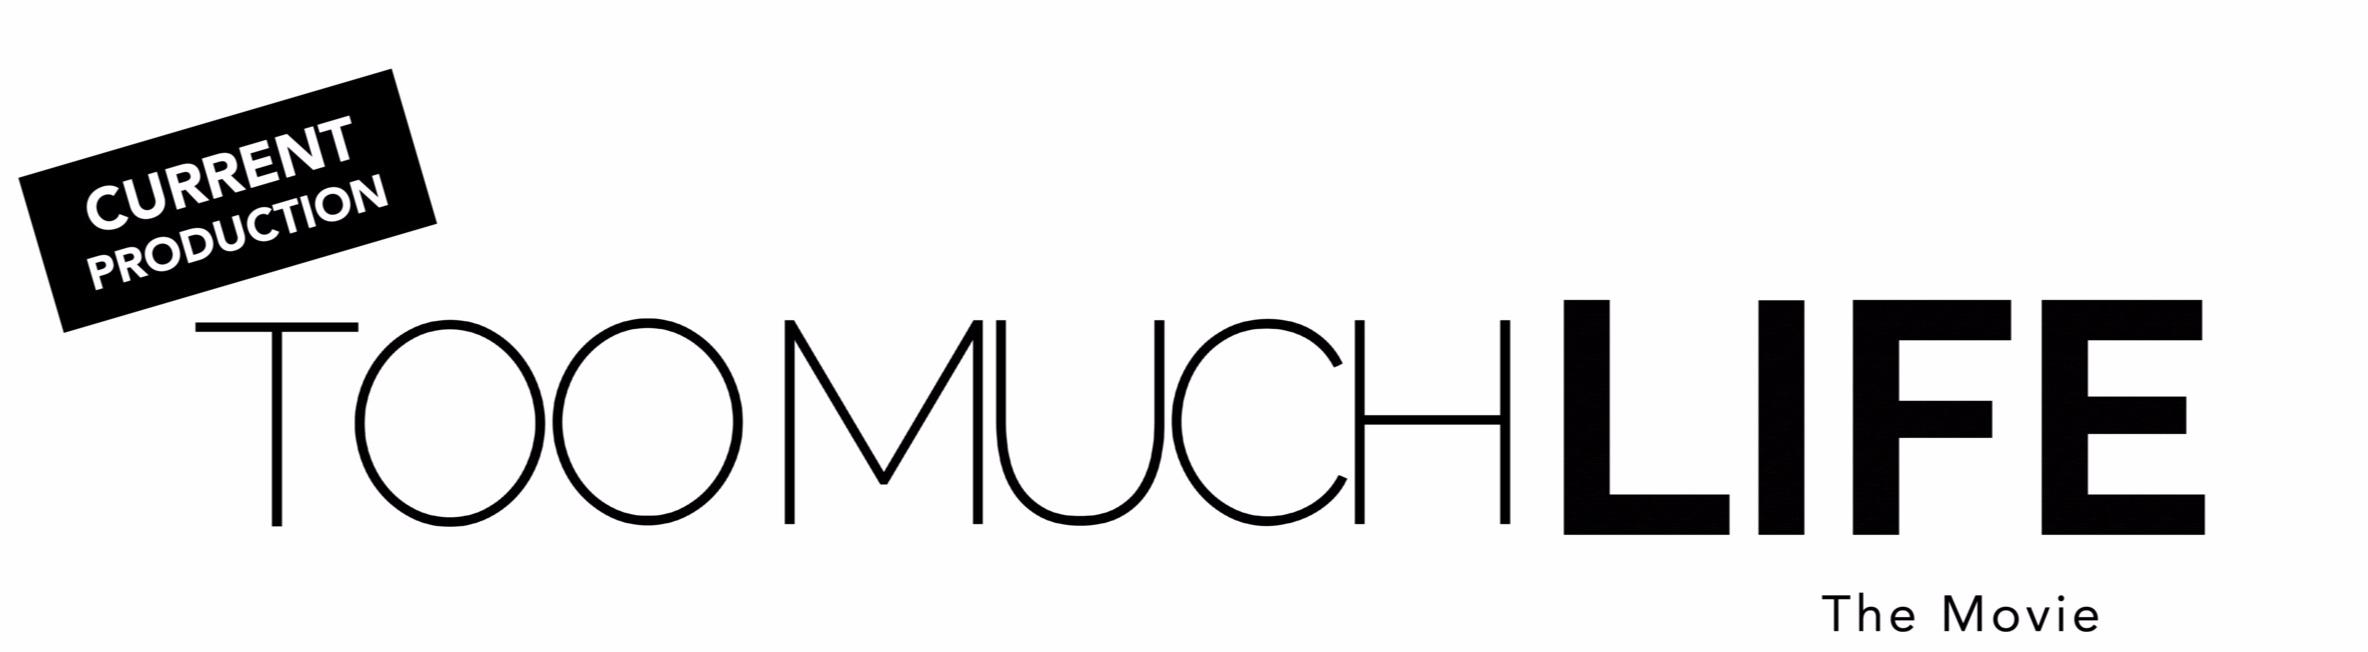 toomuchlfie